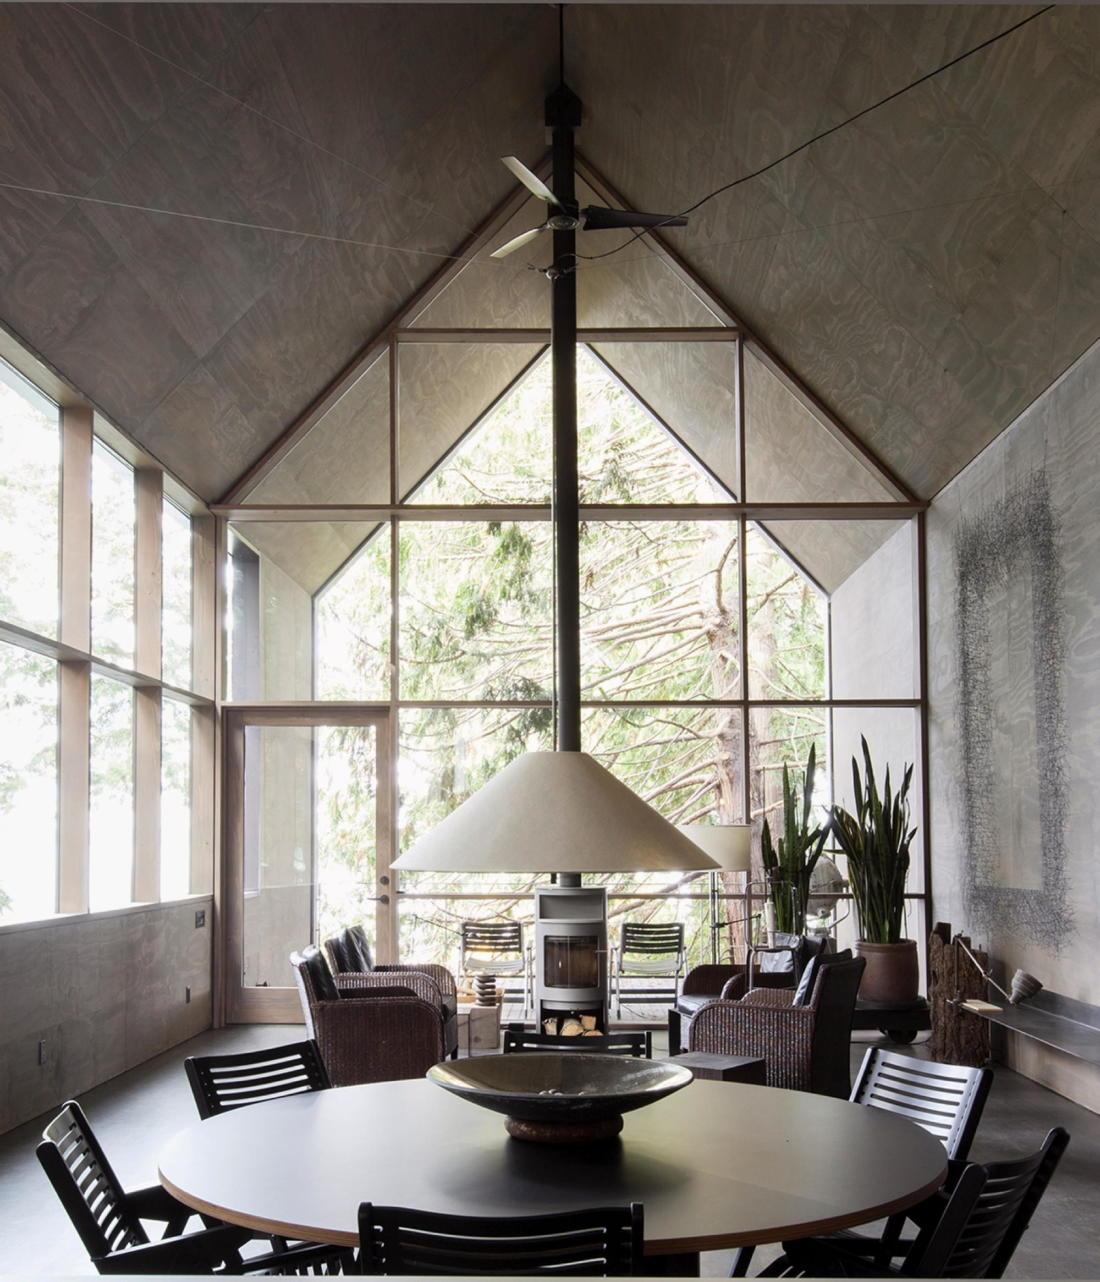 The Junsei House – проект ателье Suyama Peterson Deguchi 2